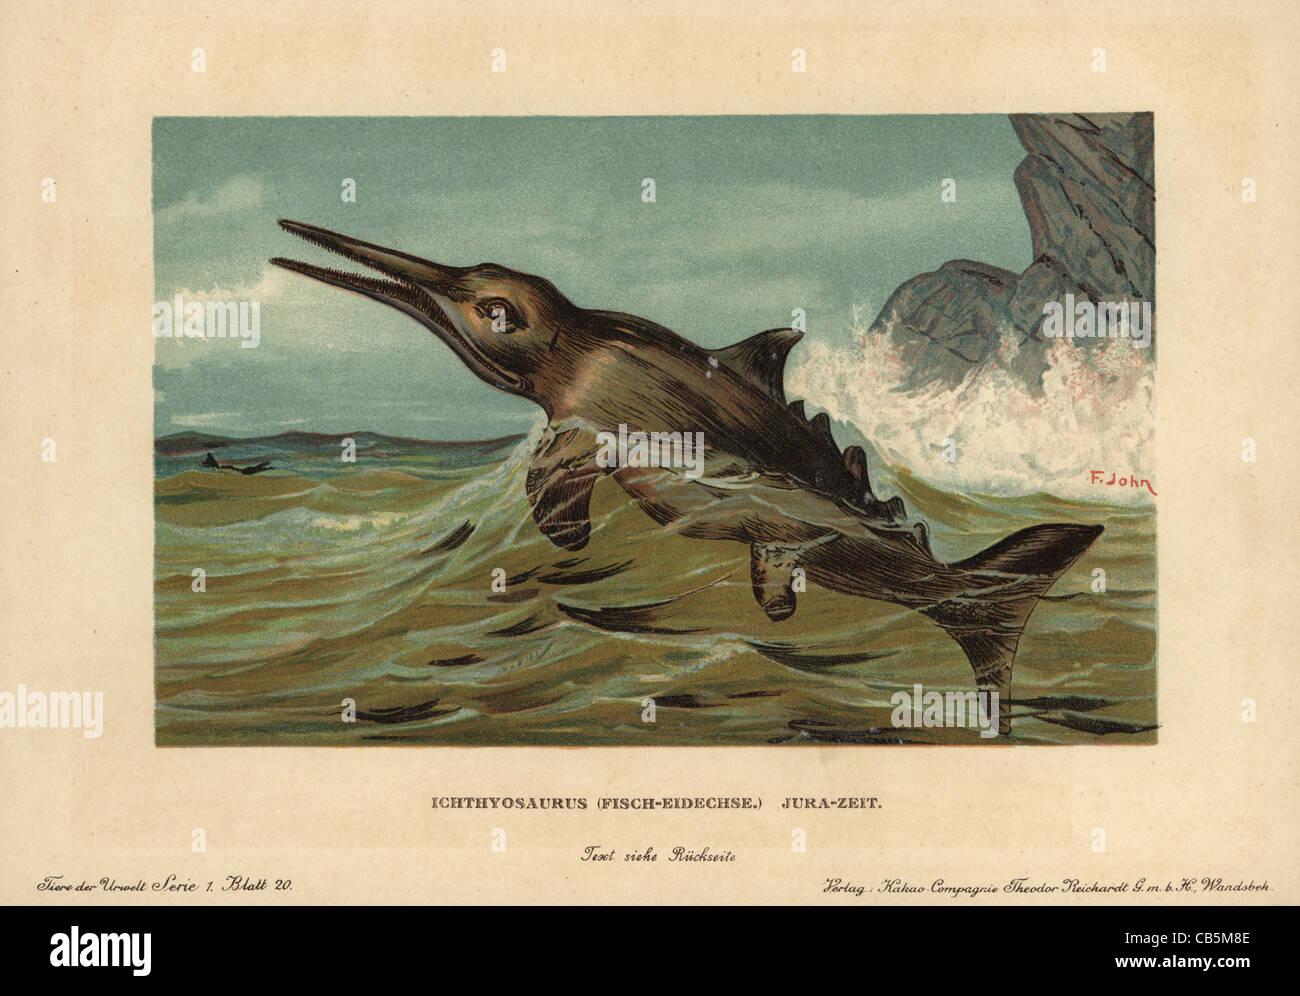 Ichthyosaurus communis, extinct nektonic carnivore of the Jurassic. Stock Photo